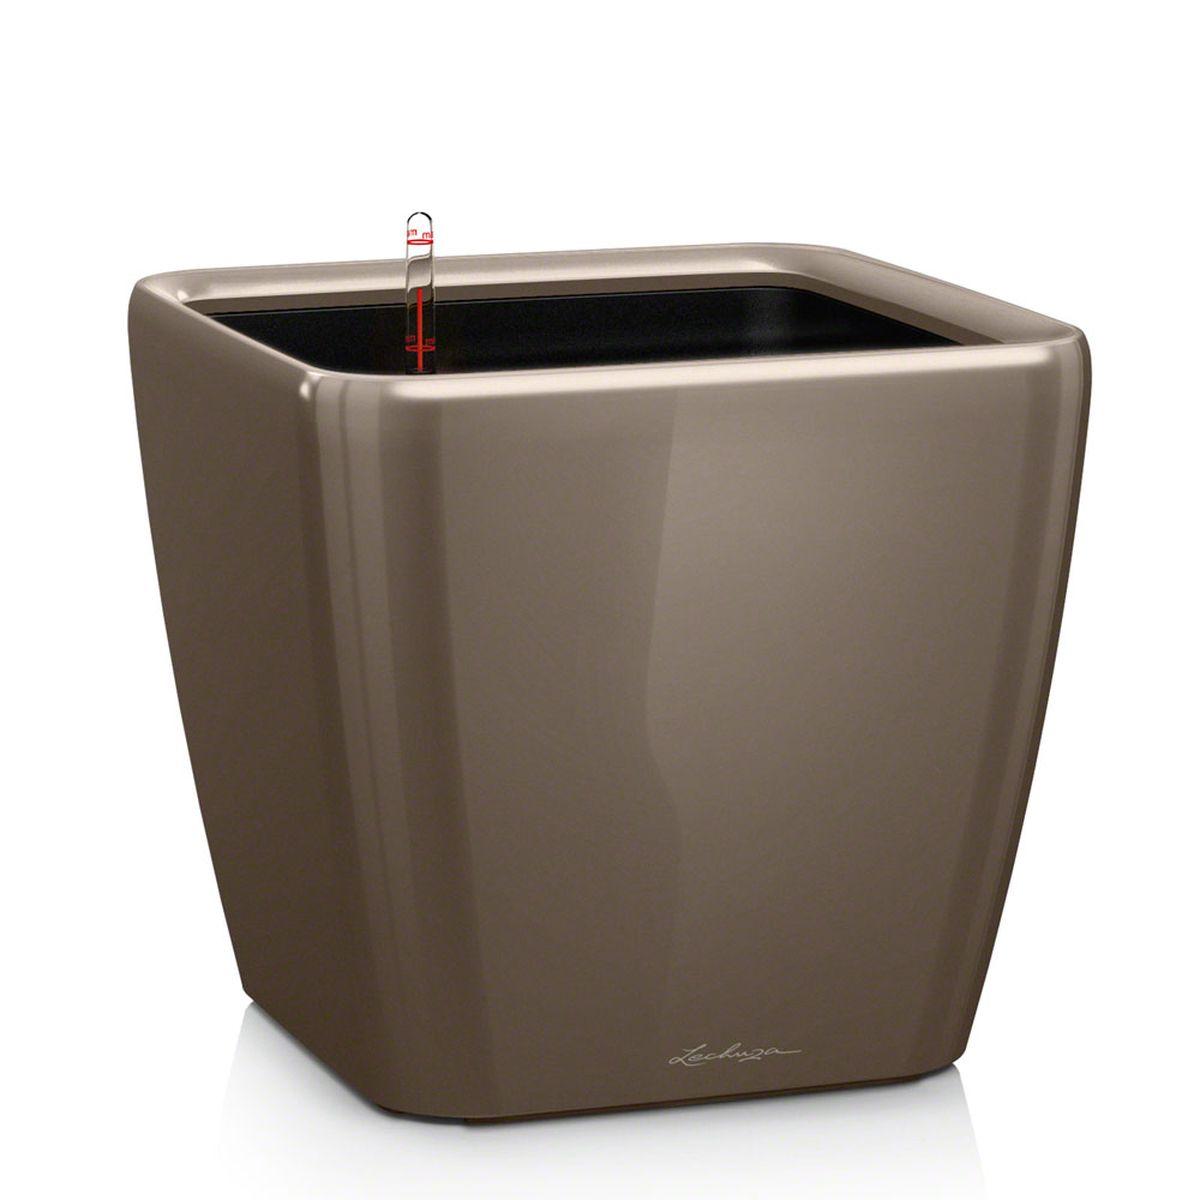 Кашпо Lechuza Quadro, с системой автополива, цвет: серо-коричневый, 28 х 28 х 26 см16145Кашпо Lechuza Quadro, выполненное из высококачественного пластика, имеет уникальную систему автополива, благодаря которой корневая система растения непрерывно снабжается влагой из резервуара. Уровень воды в резервуаре контролируется с помощью специального индикатора. В зависимости от размера кашпо и растения воды хватает на 2-12 недель. Это способствует хорошему росту цветов и предотвращает переувлажнение.В набор входит: кашпо, внутренний горшок с выдвижной эргономичной ручкой, индикатор уровня воды, вал подачи воды, субстрат растений в качестве дренажного слоя, резервуар для воды.Кашпо Lechuza Quadro прекрасно впишется в любой интерьер. Оно поможет расставить нужные акценты, а также придаст помещению вид, соответствующий вашим представлениям.